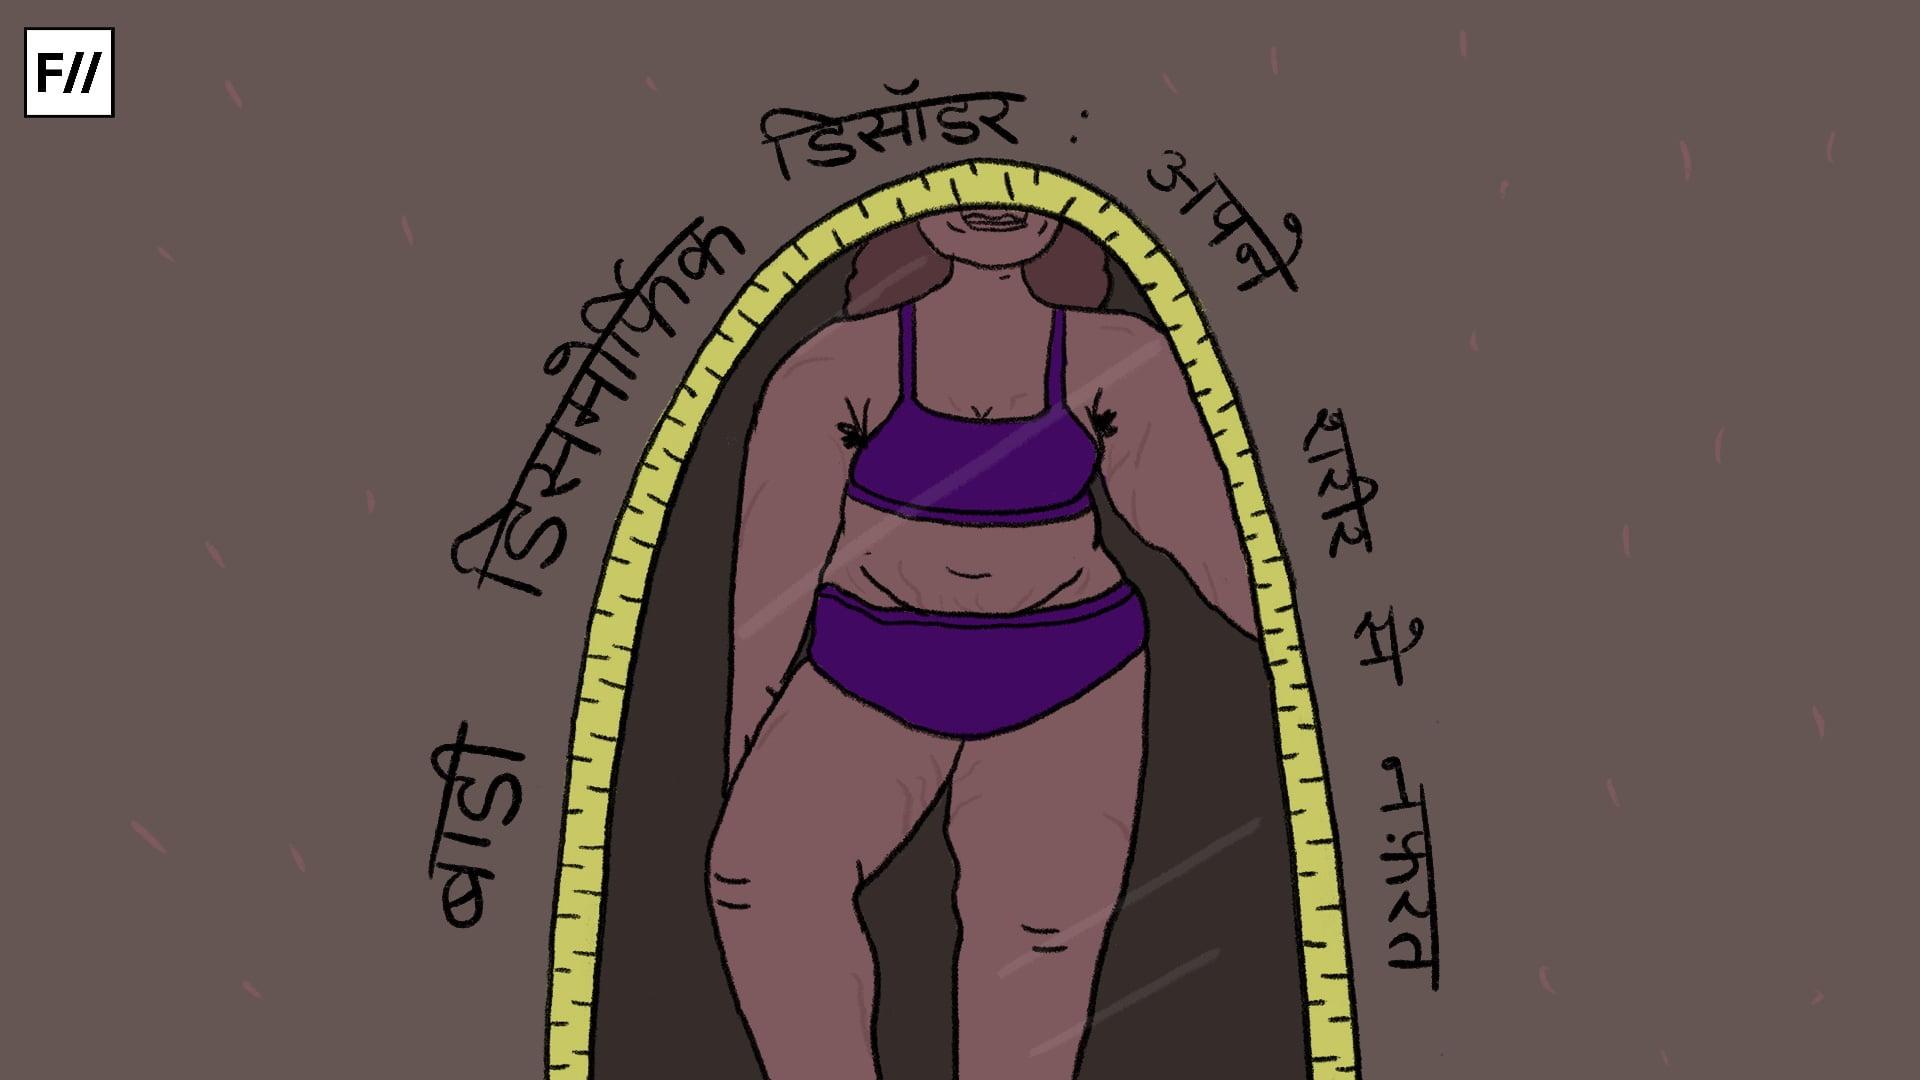 बॉडी डिसमोर्फिक डिसॉर्डर : एक बीमारी जिसमें अपने शरीर से ही नफ़रत होने लगती है।